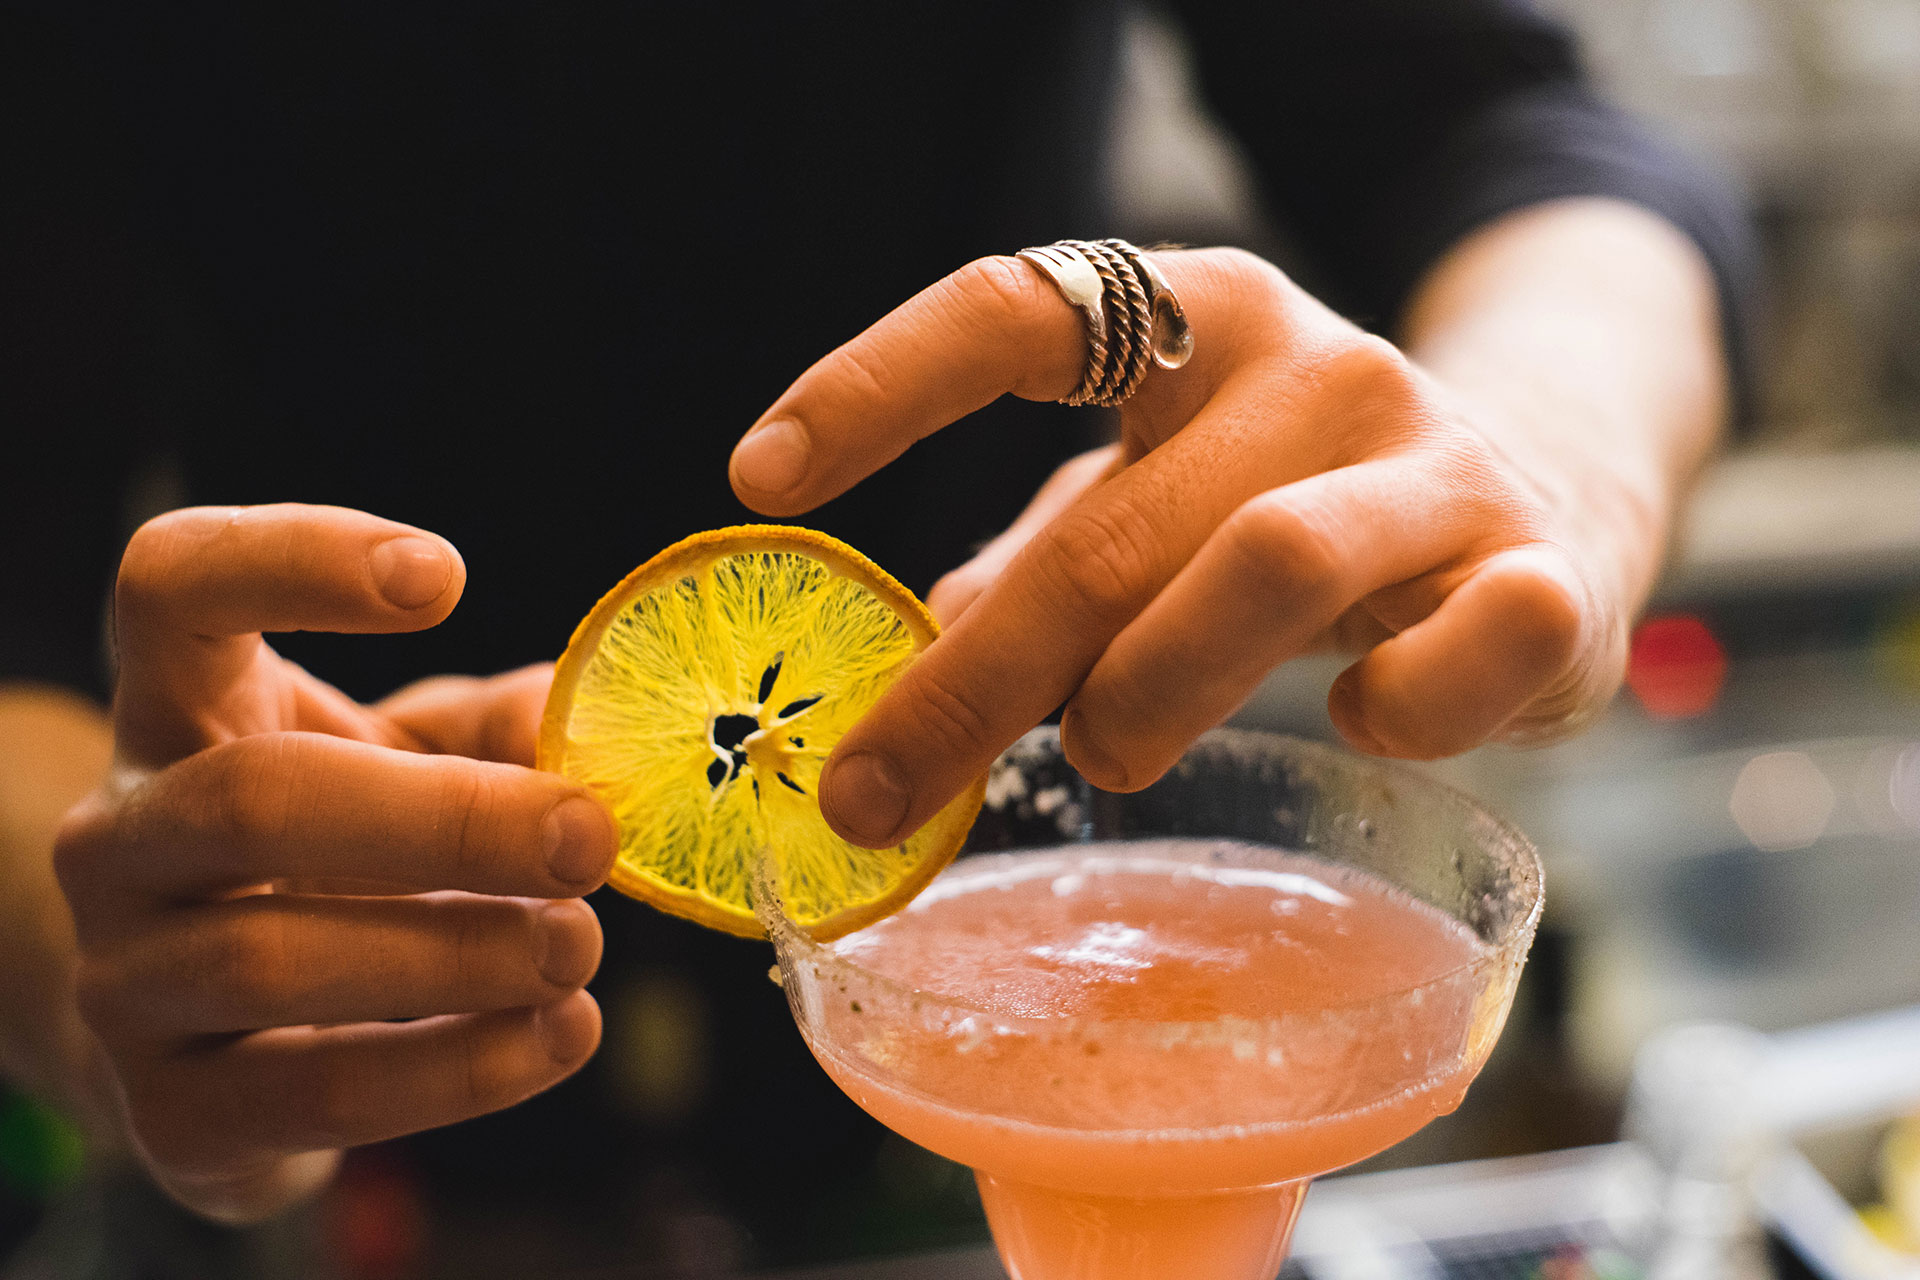 Ristorante Bistrot Cocktail Bar Aperitivo Zona Portuense Marconi